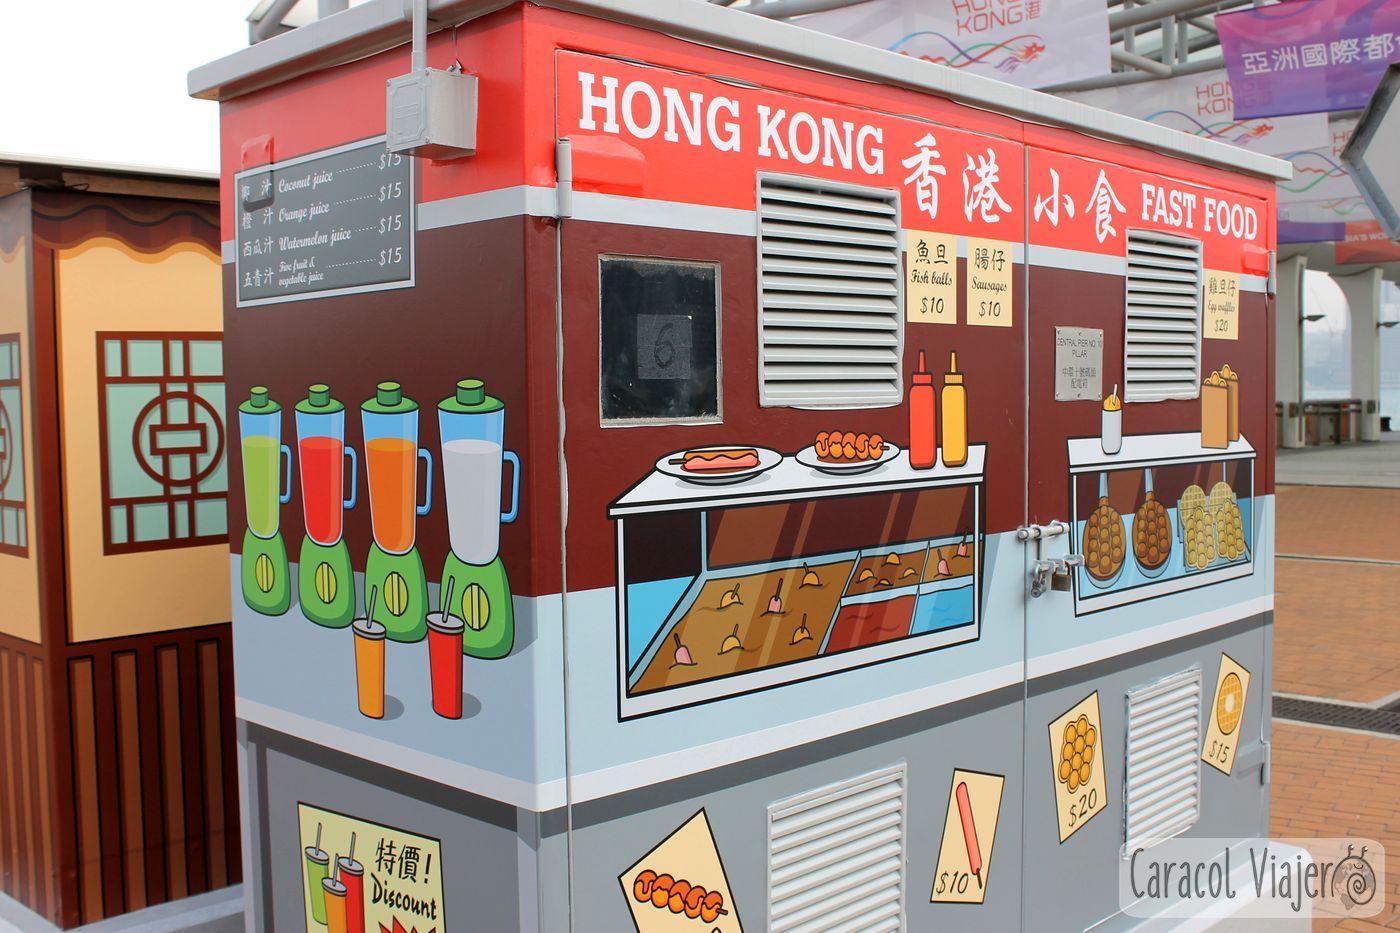 Las casetas de electricidad Hong Kong